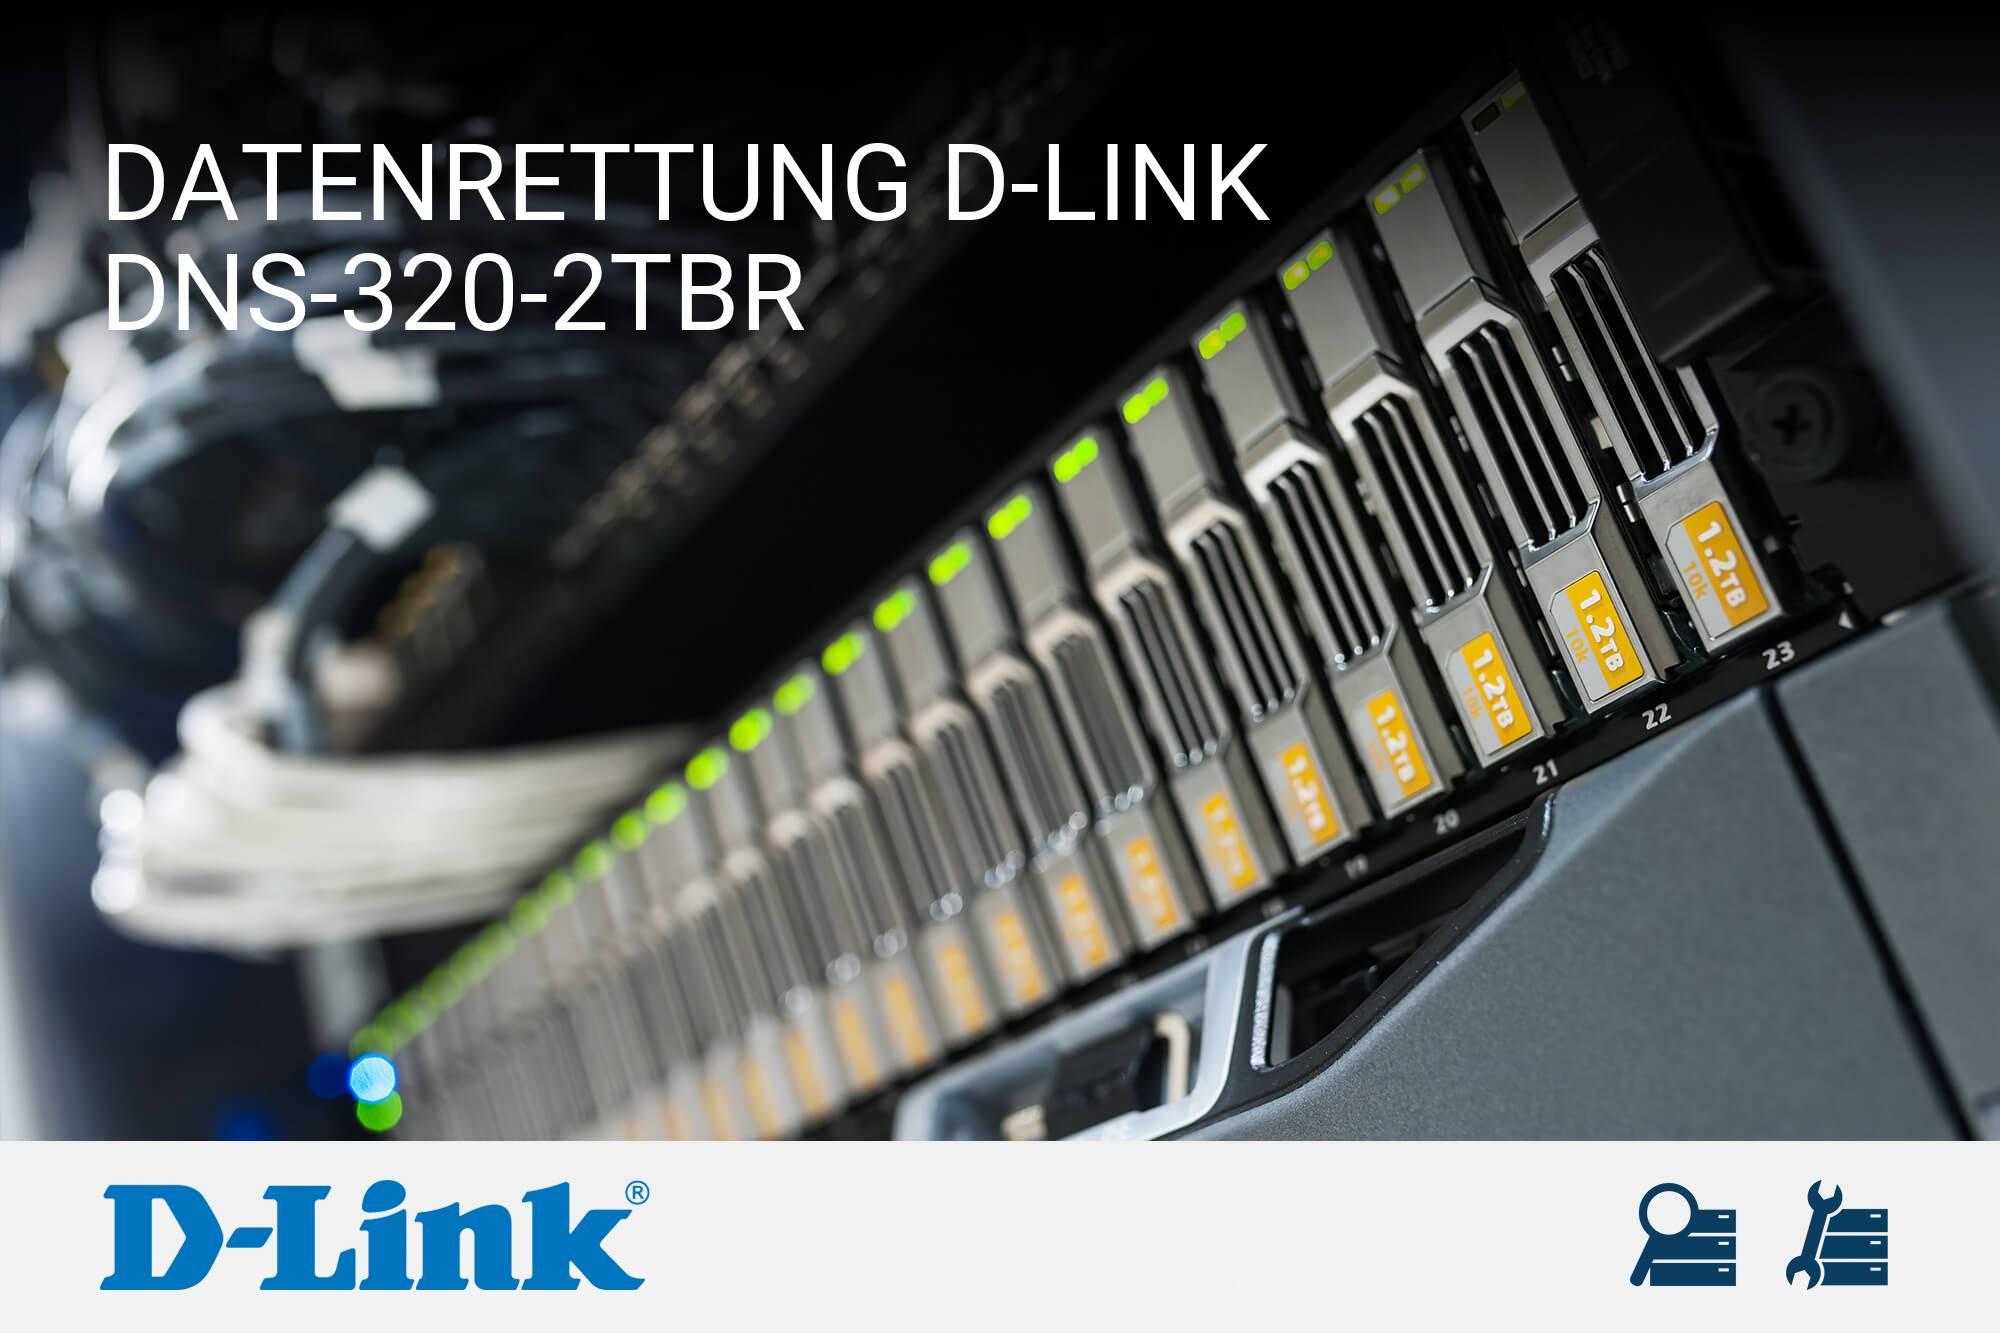 D-Link DNS-320-2TBR